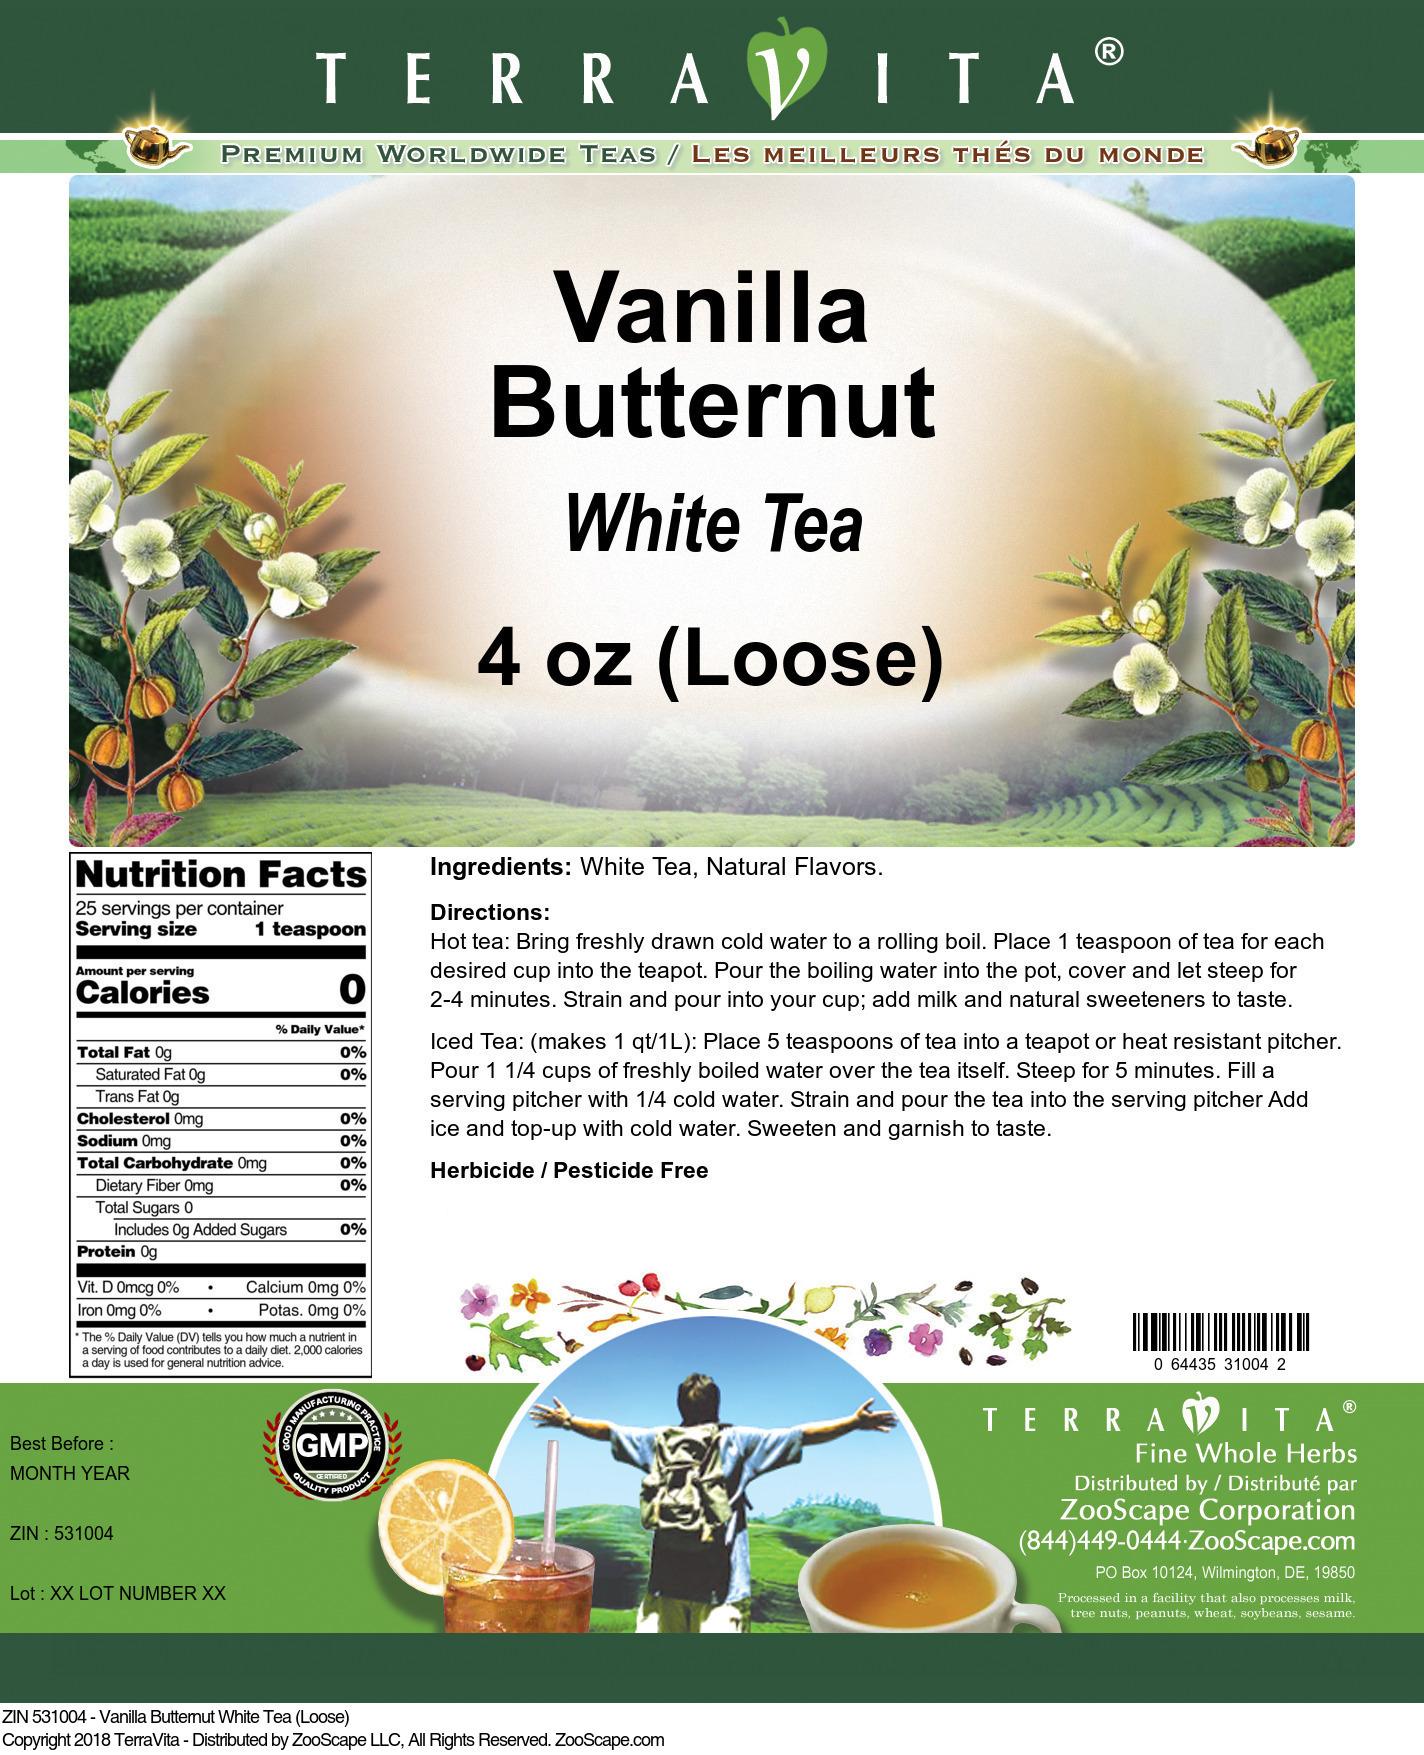 Vanilla Butternut White Tea (Loose)